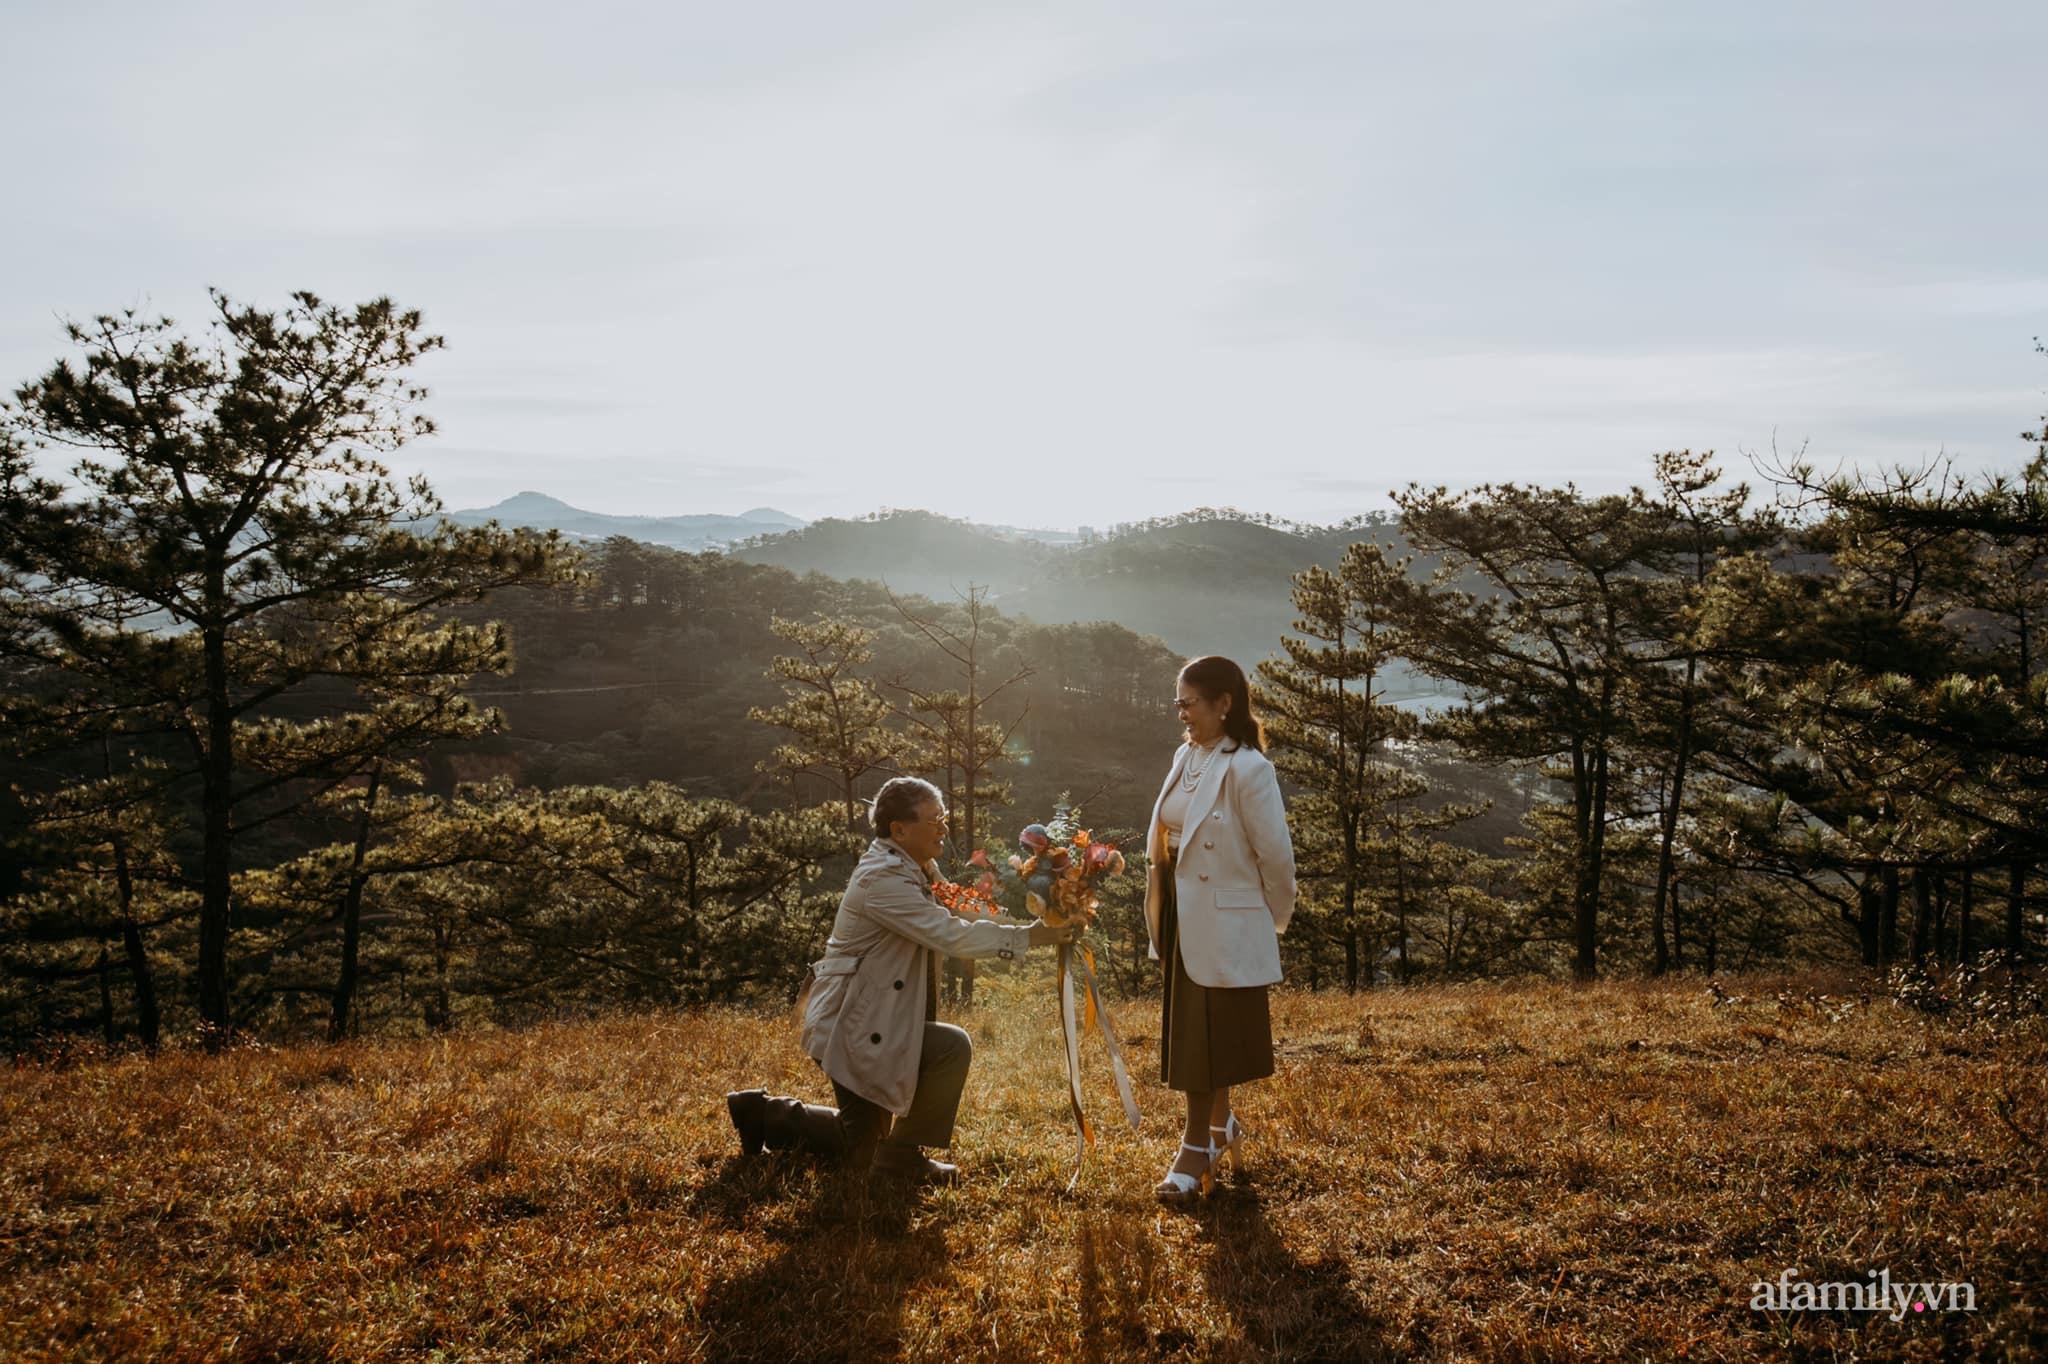 """Bộ ảnh kỉ niệm 47 năm ngày cưới càng ngắm càng thấy """"tình"""" của cặp đôi U80 tại Đà Lạt, khiến ai cũng ước ao có một tình yêu trọn đời ngát xanh - Ảnh 11."""